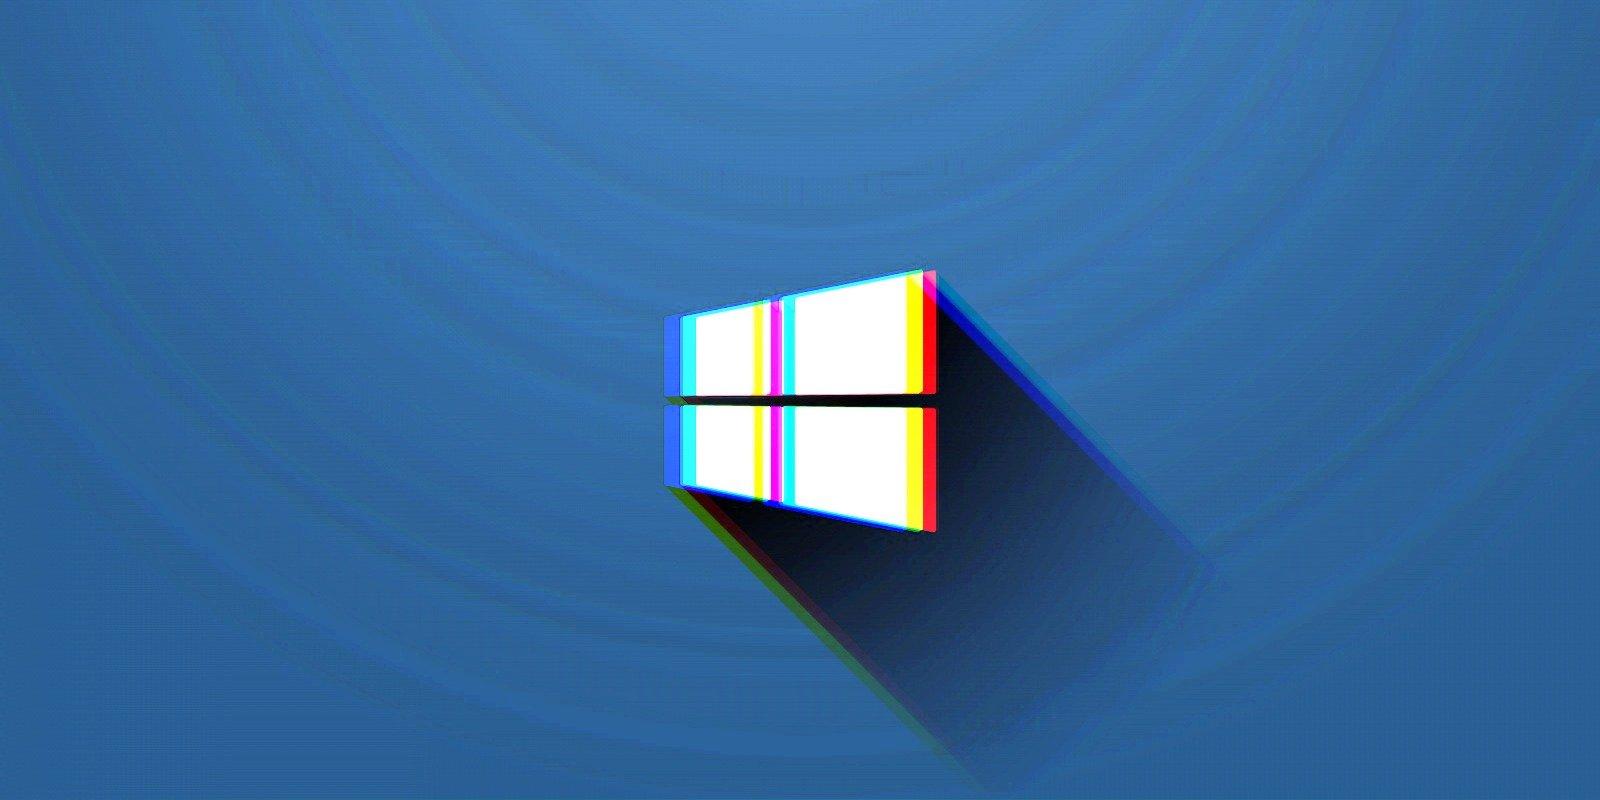 Windows Kerberos Bronze Bit attack gets public exploit, patch now